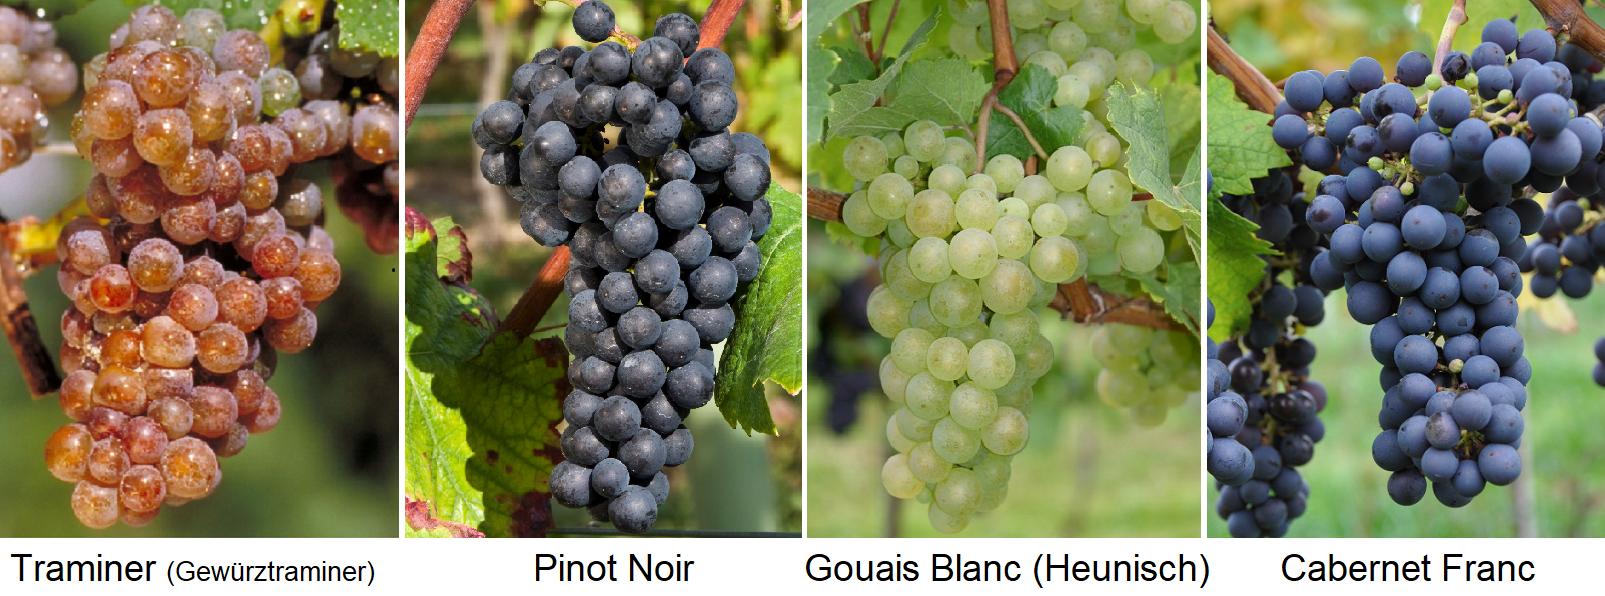 Lead varieties: Traminer (Gewürztraminer), Pinot Noir, Gouais Blanc (Heunsich), Cabernet Franc